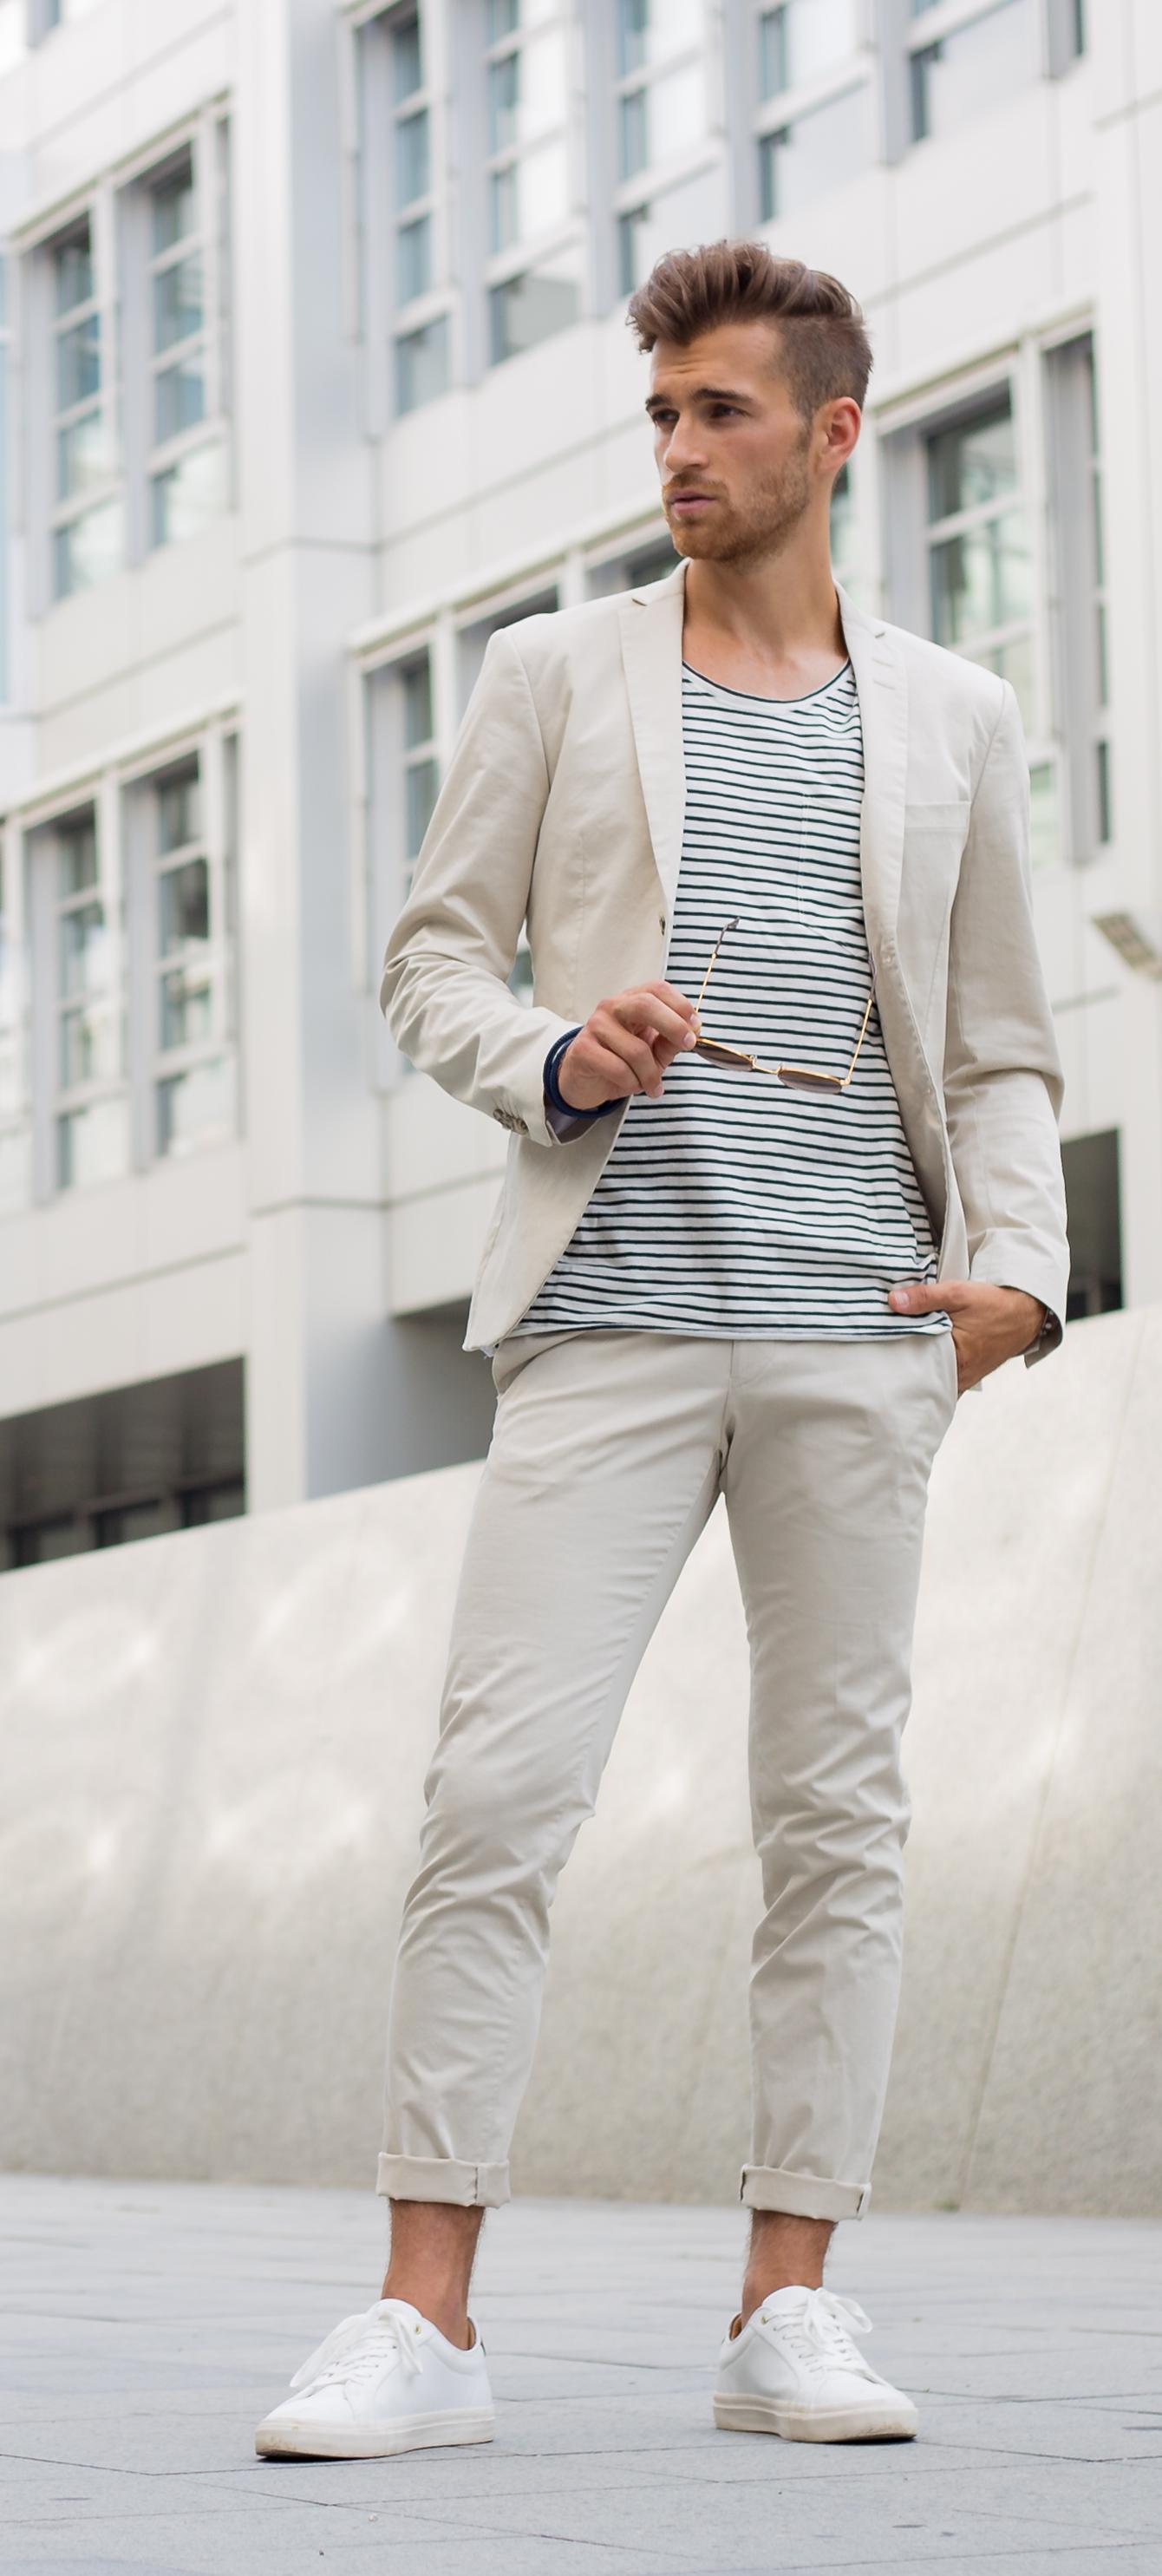 7233d9108054 Du kannst das Outfit aber auch ganz clean tragen und ein unifarbenes  T-Shirt wählen. Ob eigene Hochzeit oder die des besten Freundes  Ein  perfekt sitzender, ...